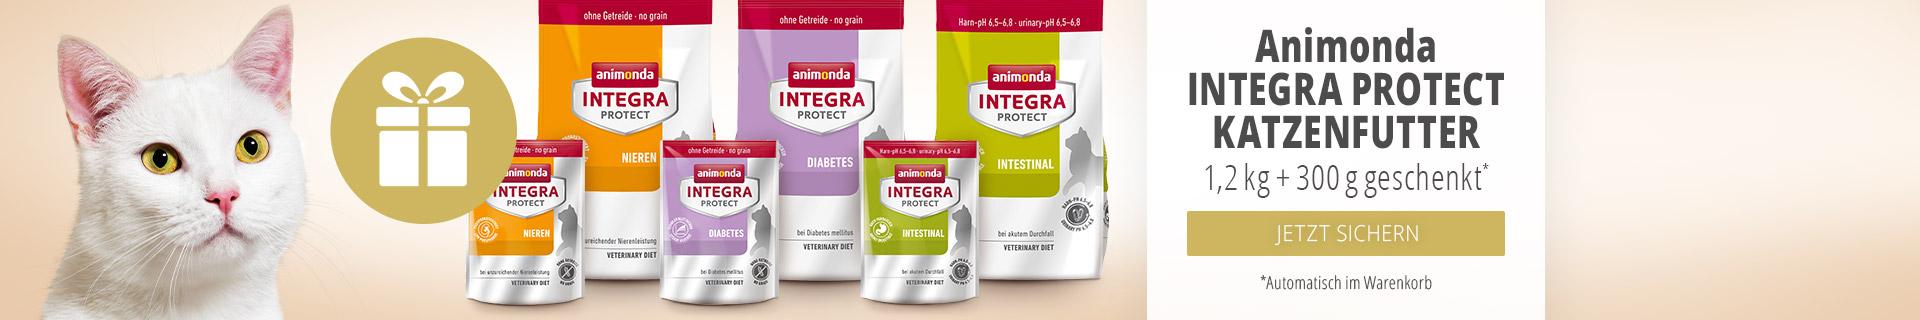 Animonda Integra Protect Katzenfutter 1,2kg + 300g geschenkt